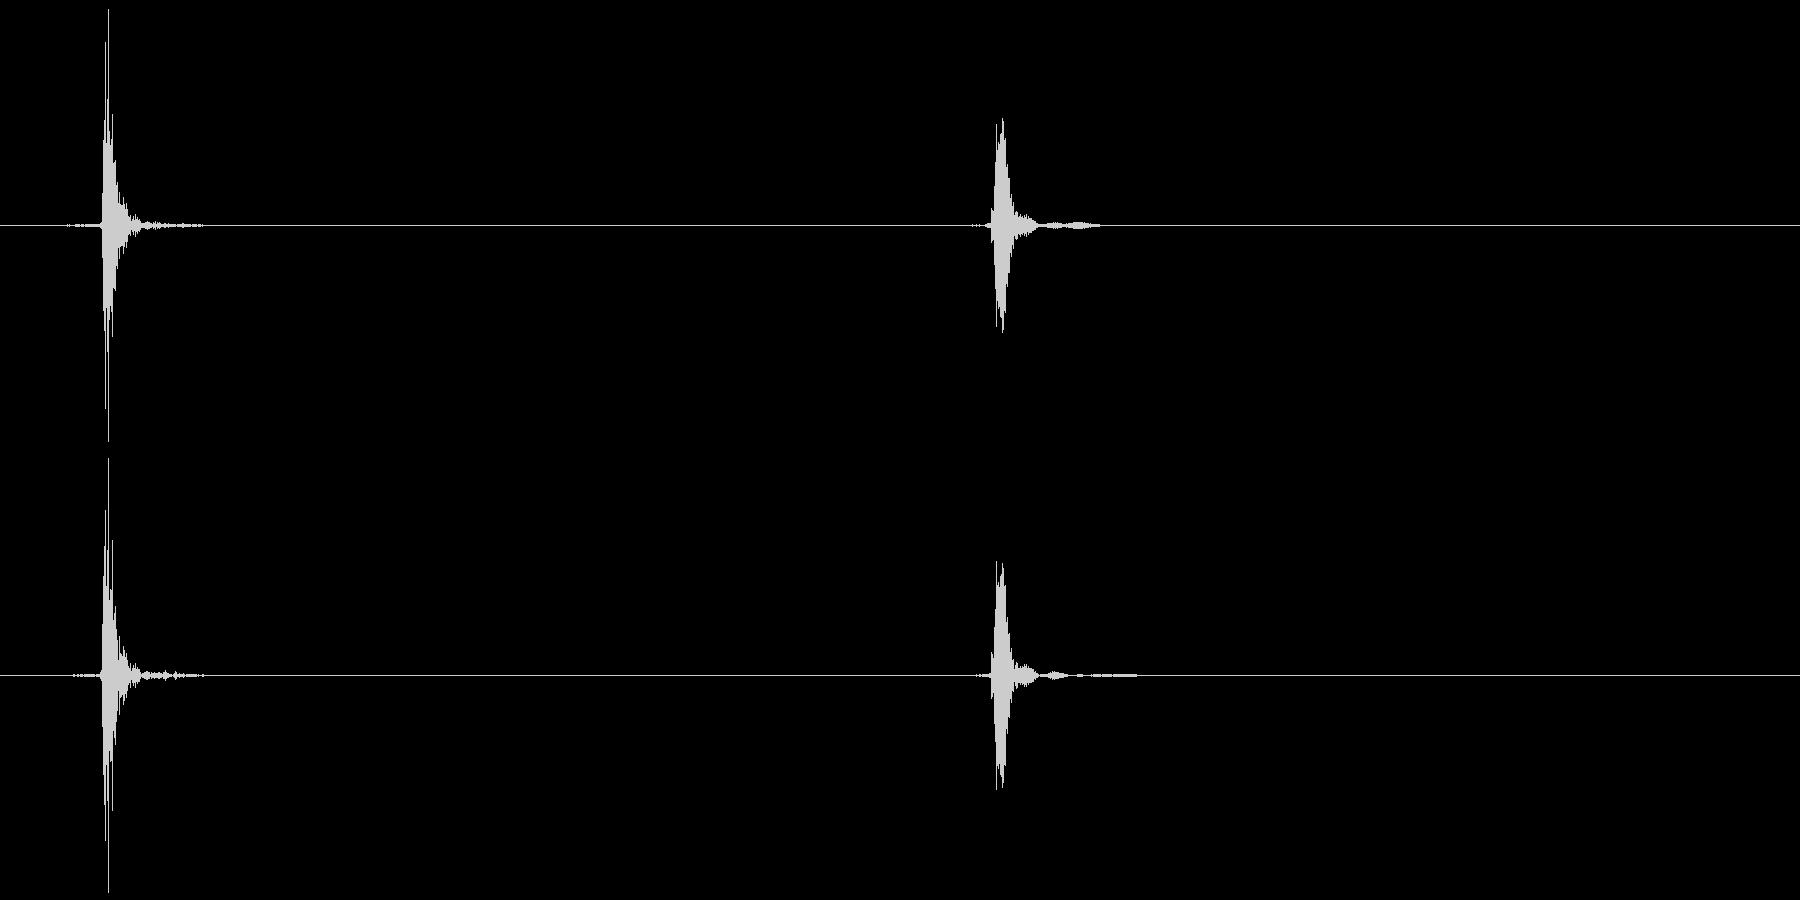 マウスのホイールクリック  (カ、コッ)の未再生の波形